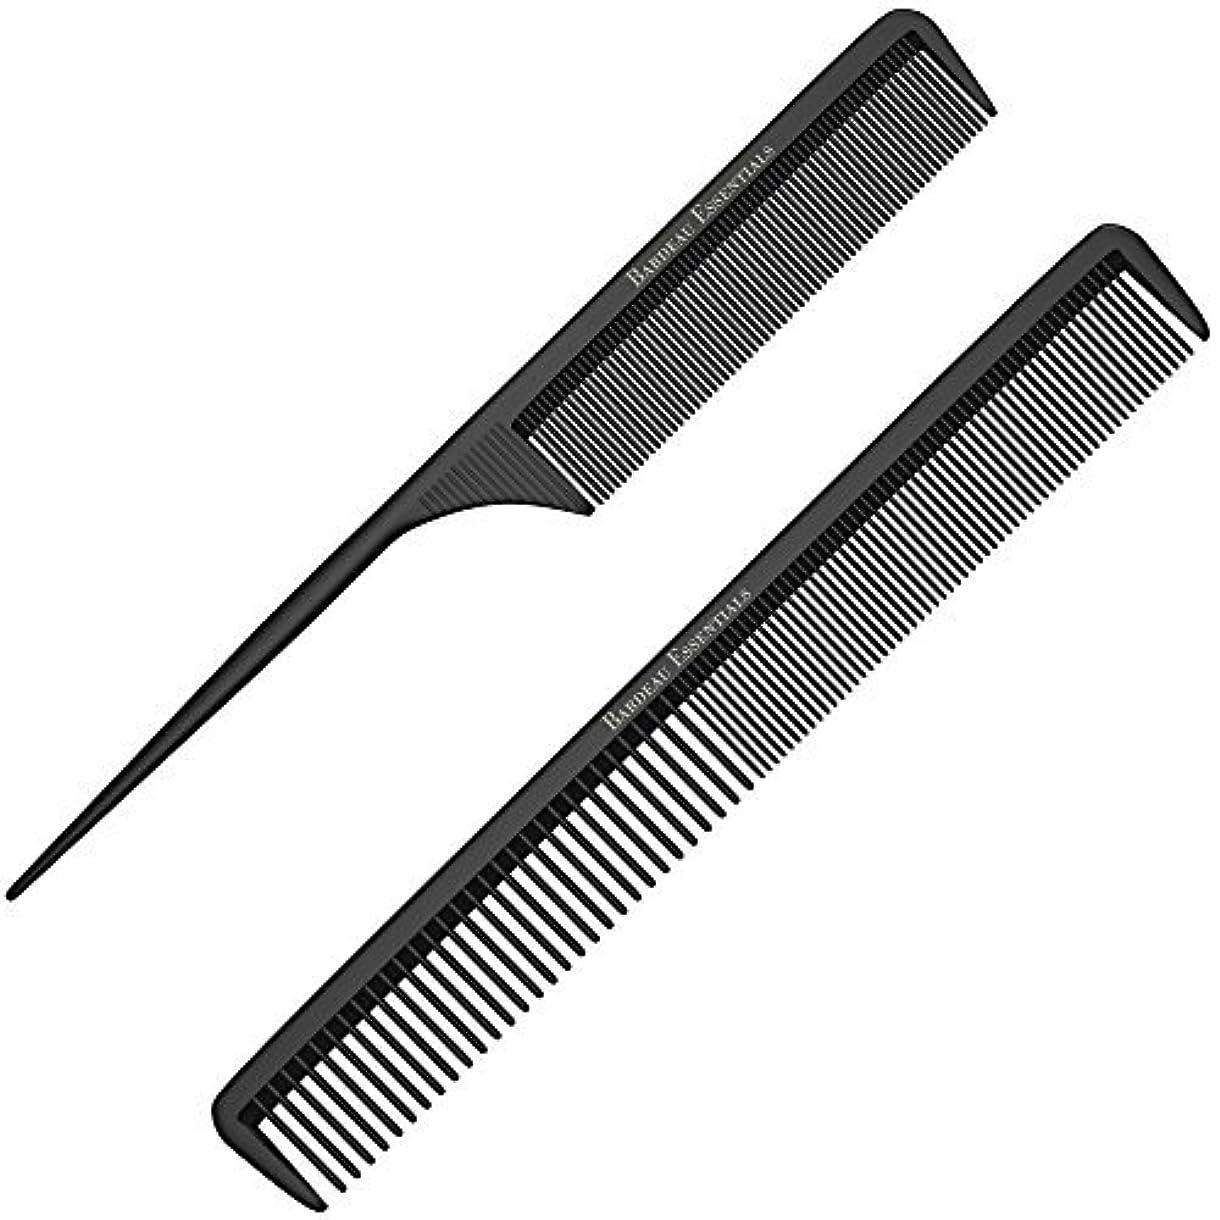 同級生知り合いエスニックStyling Comb and Tail Comb Combo Pack | Professional 8.75  Black Carbon Fiber Anti Static Chemical And Heat Resistant...